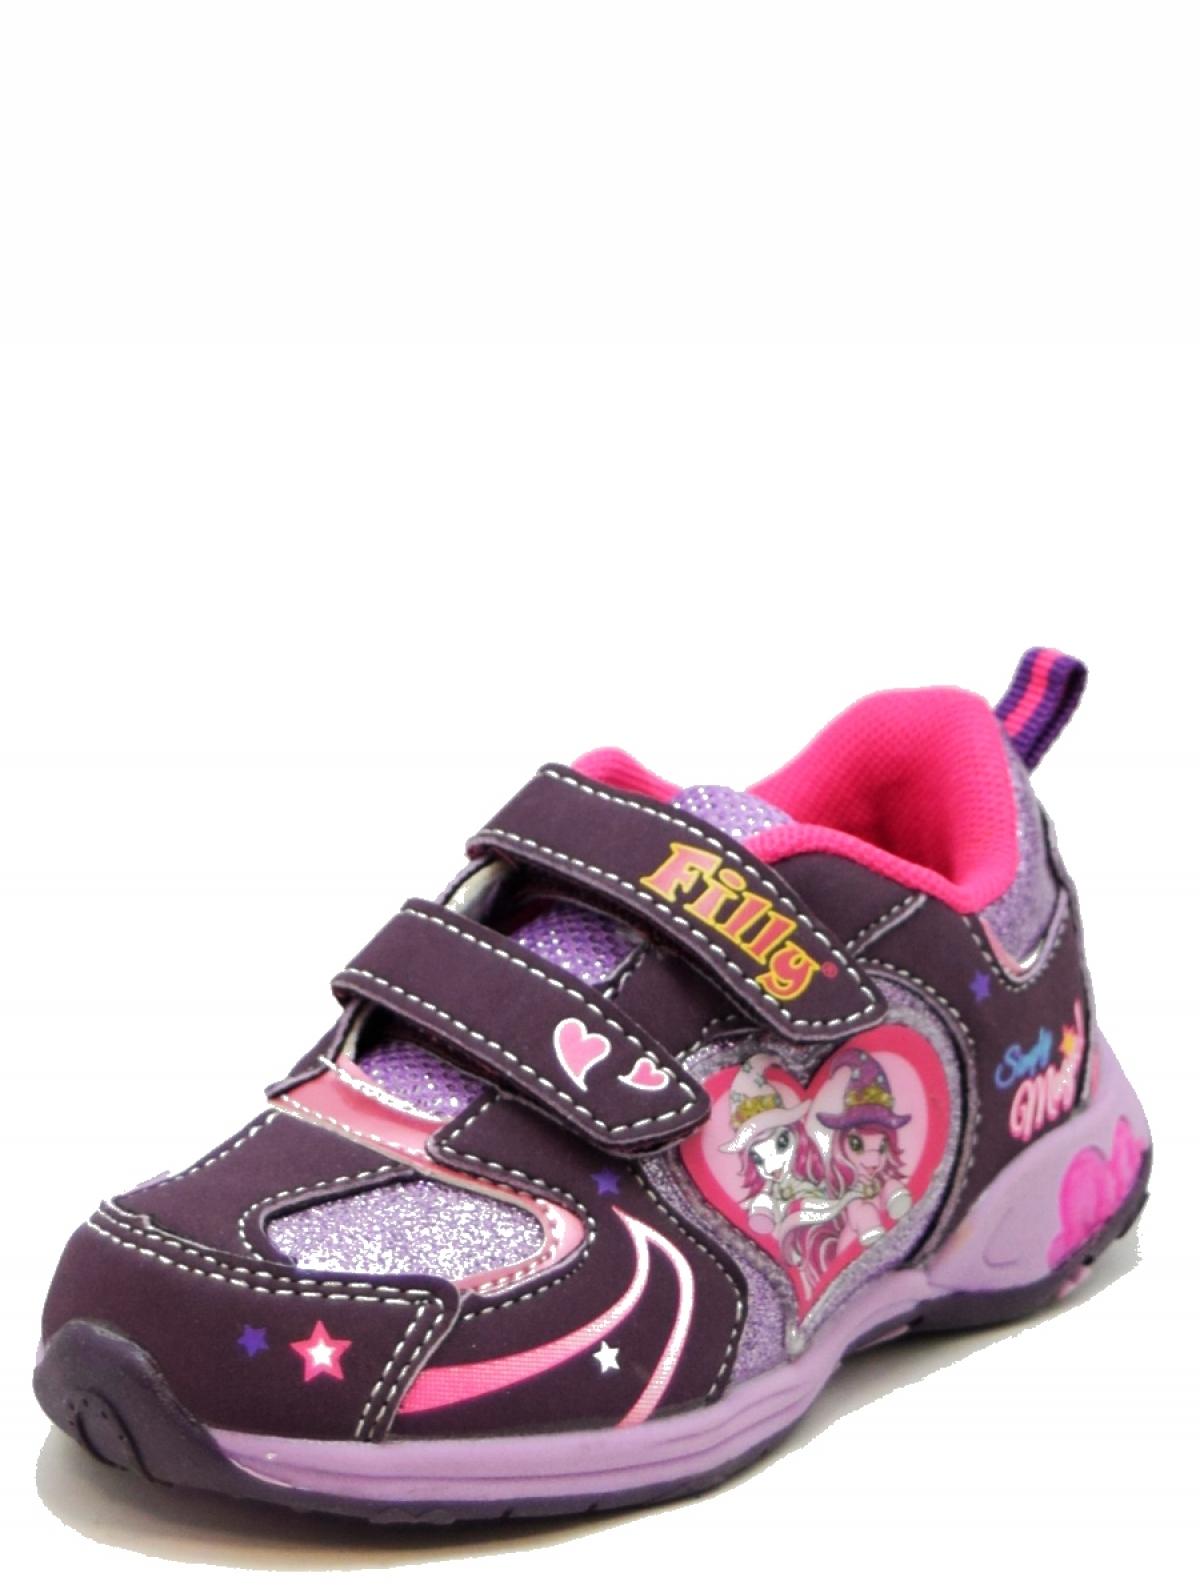 FF000018 кросcовки для девочки